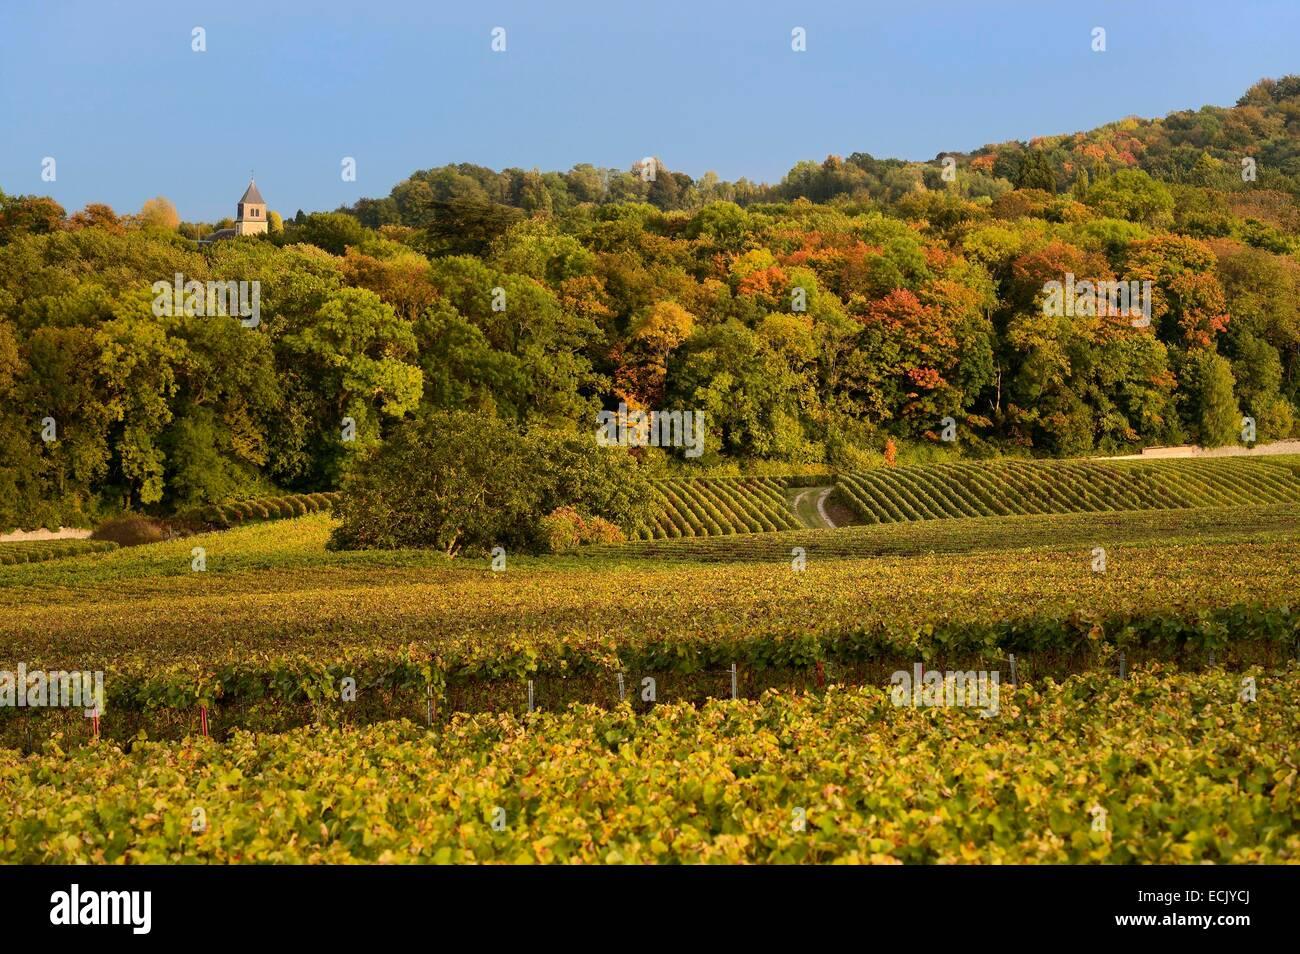 Francia, Marne, parco regionale delle Montagne de Reims, Villers Allerand campanile di una chiesa e di vigneti champagne Immagini Stock